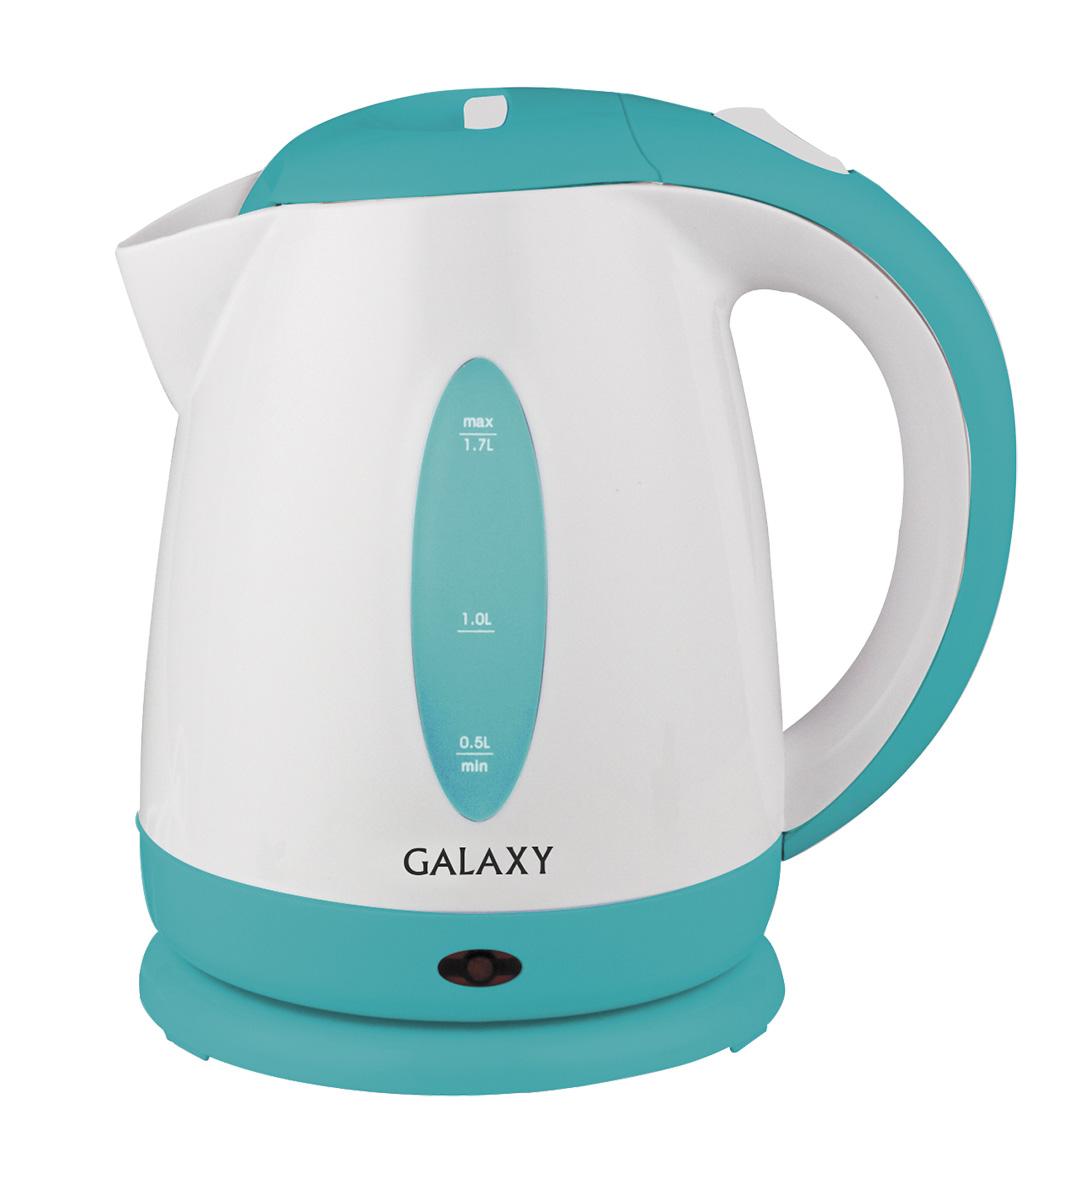 Galaxy GL0221 чайник электрический4650067301594Электрический чайник Galaxy GL0221 отвечает всем современным требованиям надежности и безопасности. При его производстве используются только высококачественные и экологически безопасные материалы, а также нагревательный элемент высокого класса надежности. Galaxy GL0221 будет служить вам долгие годы, наполняя ваш быт комфортом!